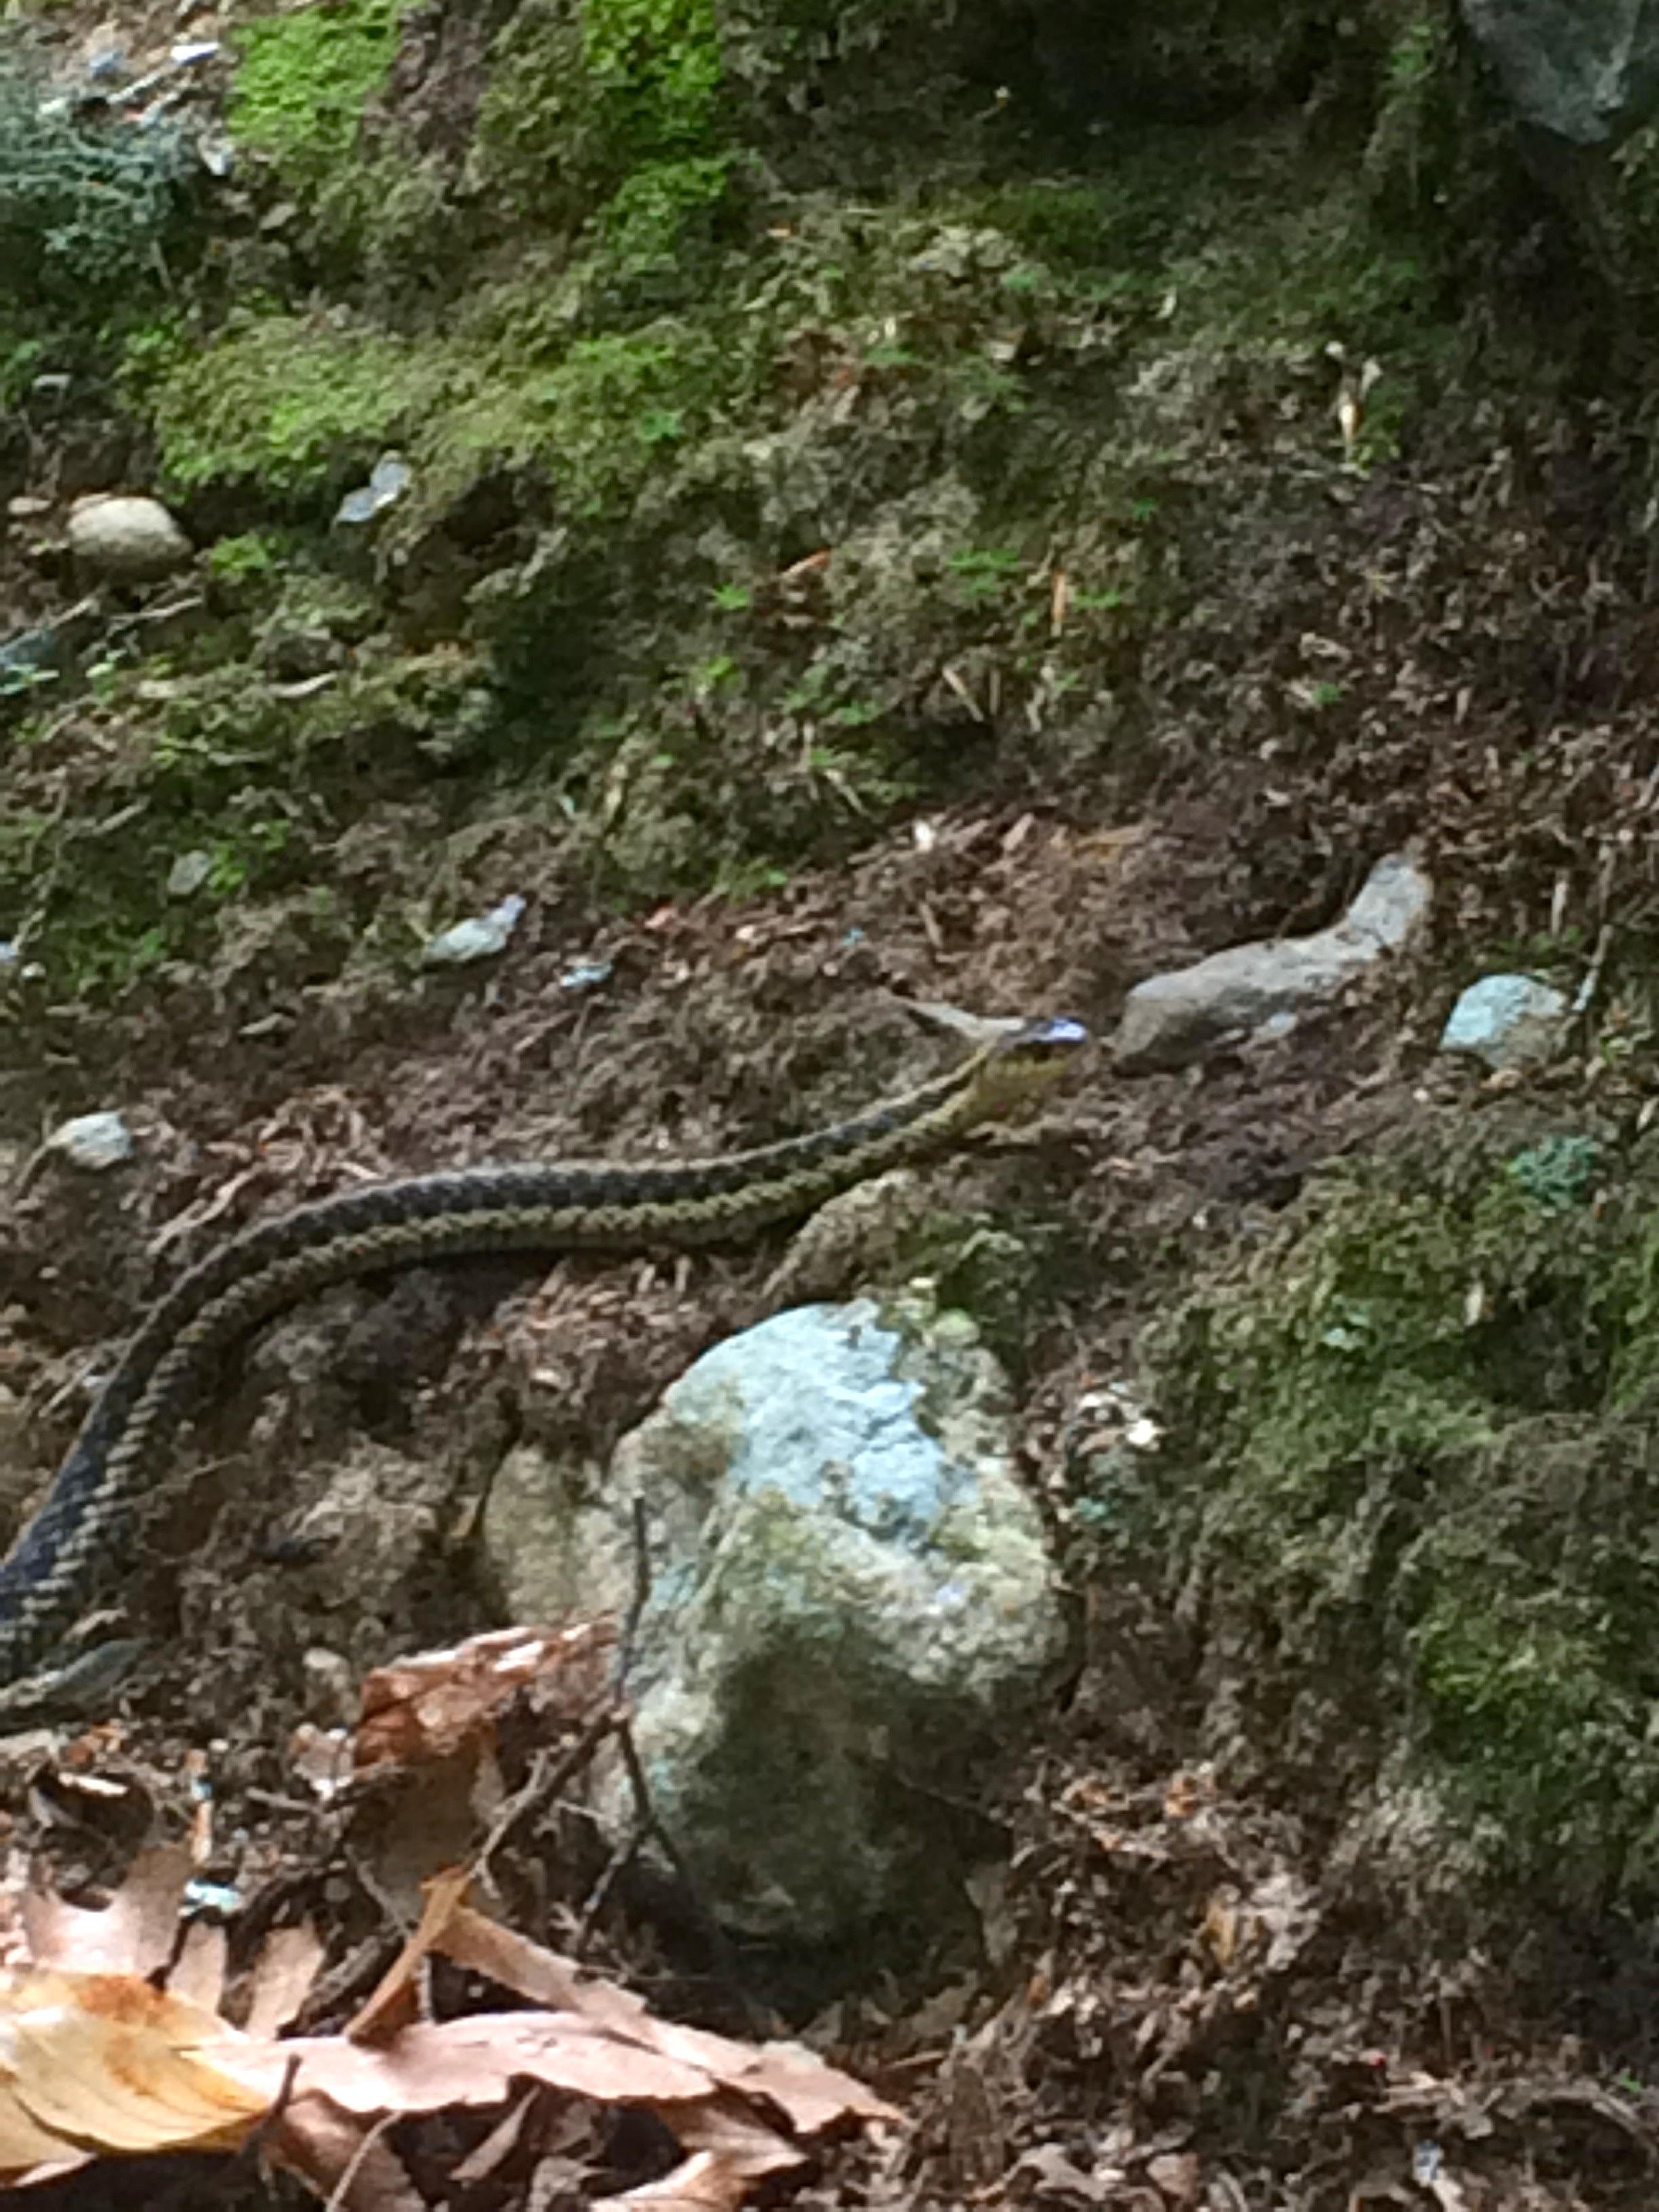 Not a rattlesnake, but cute!